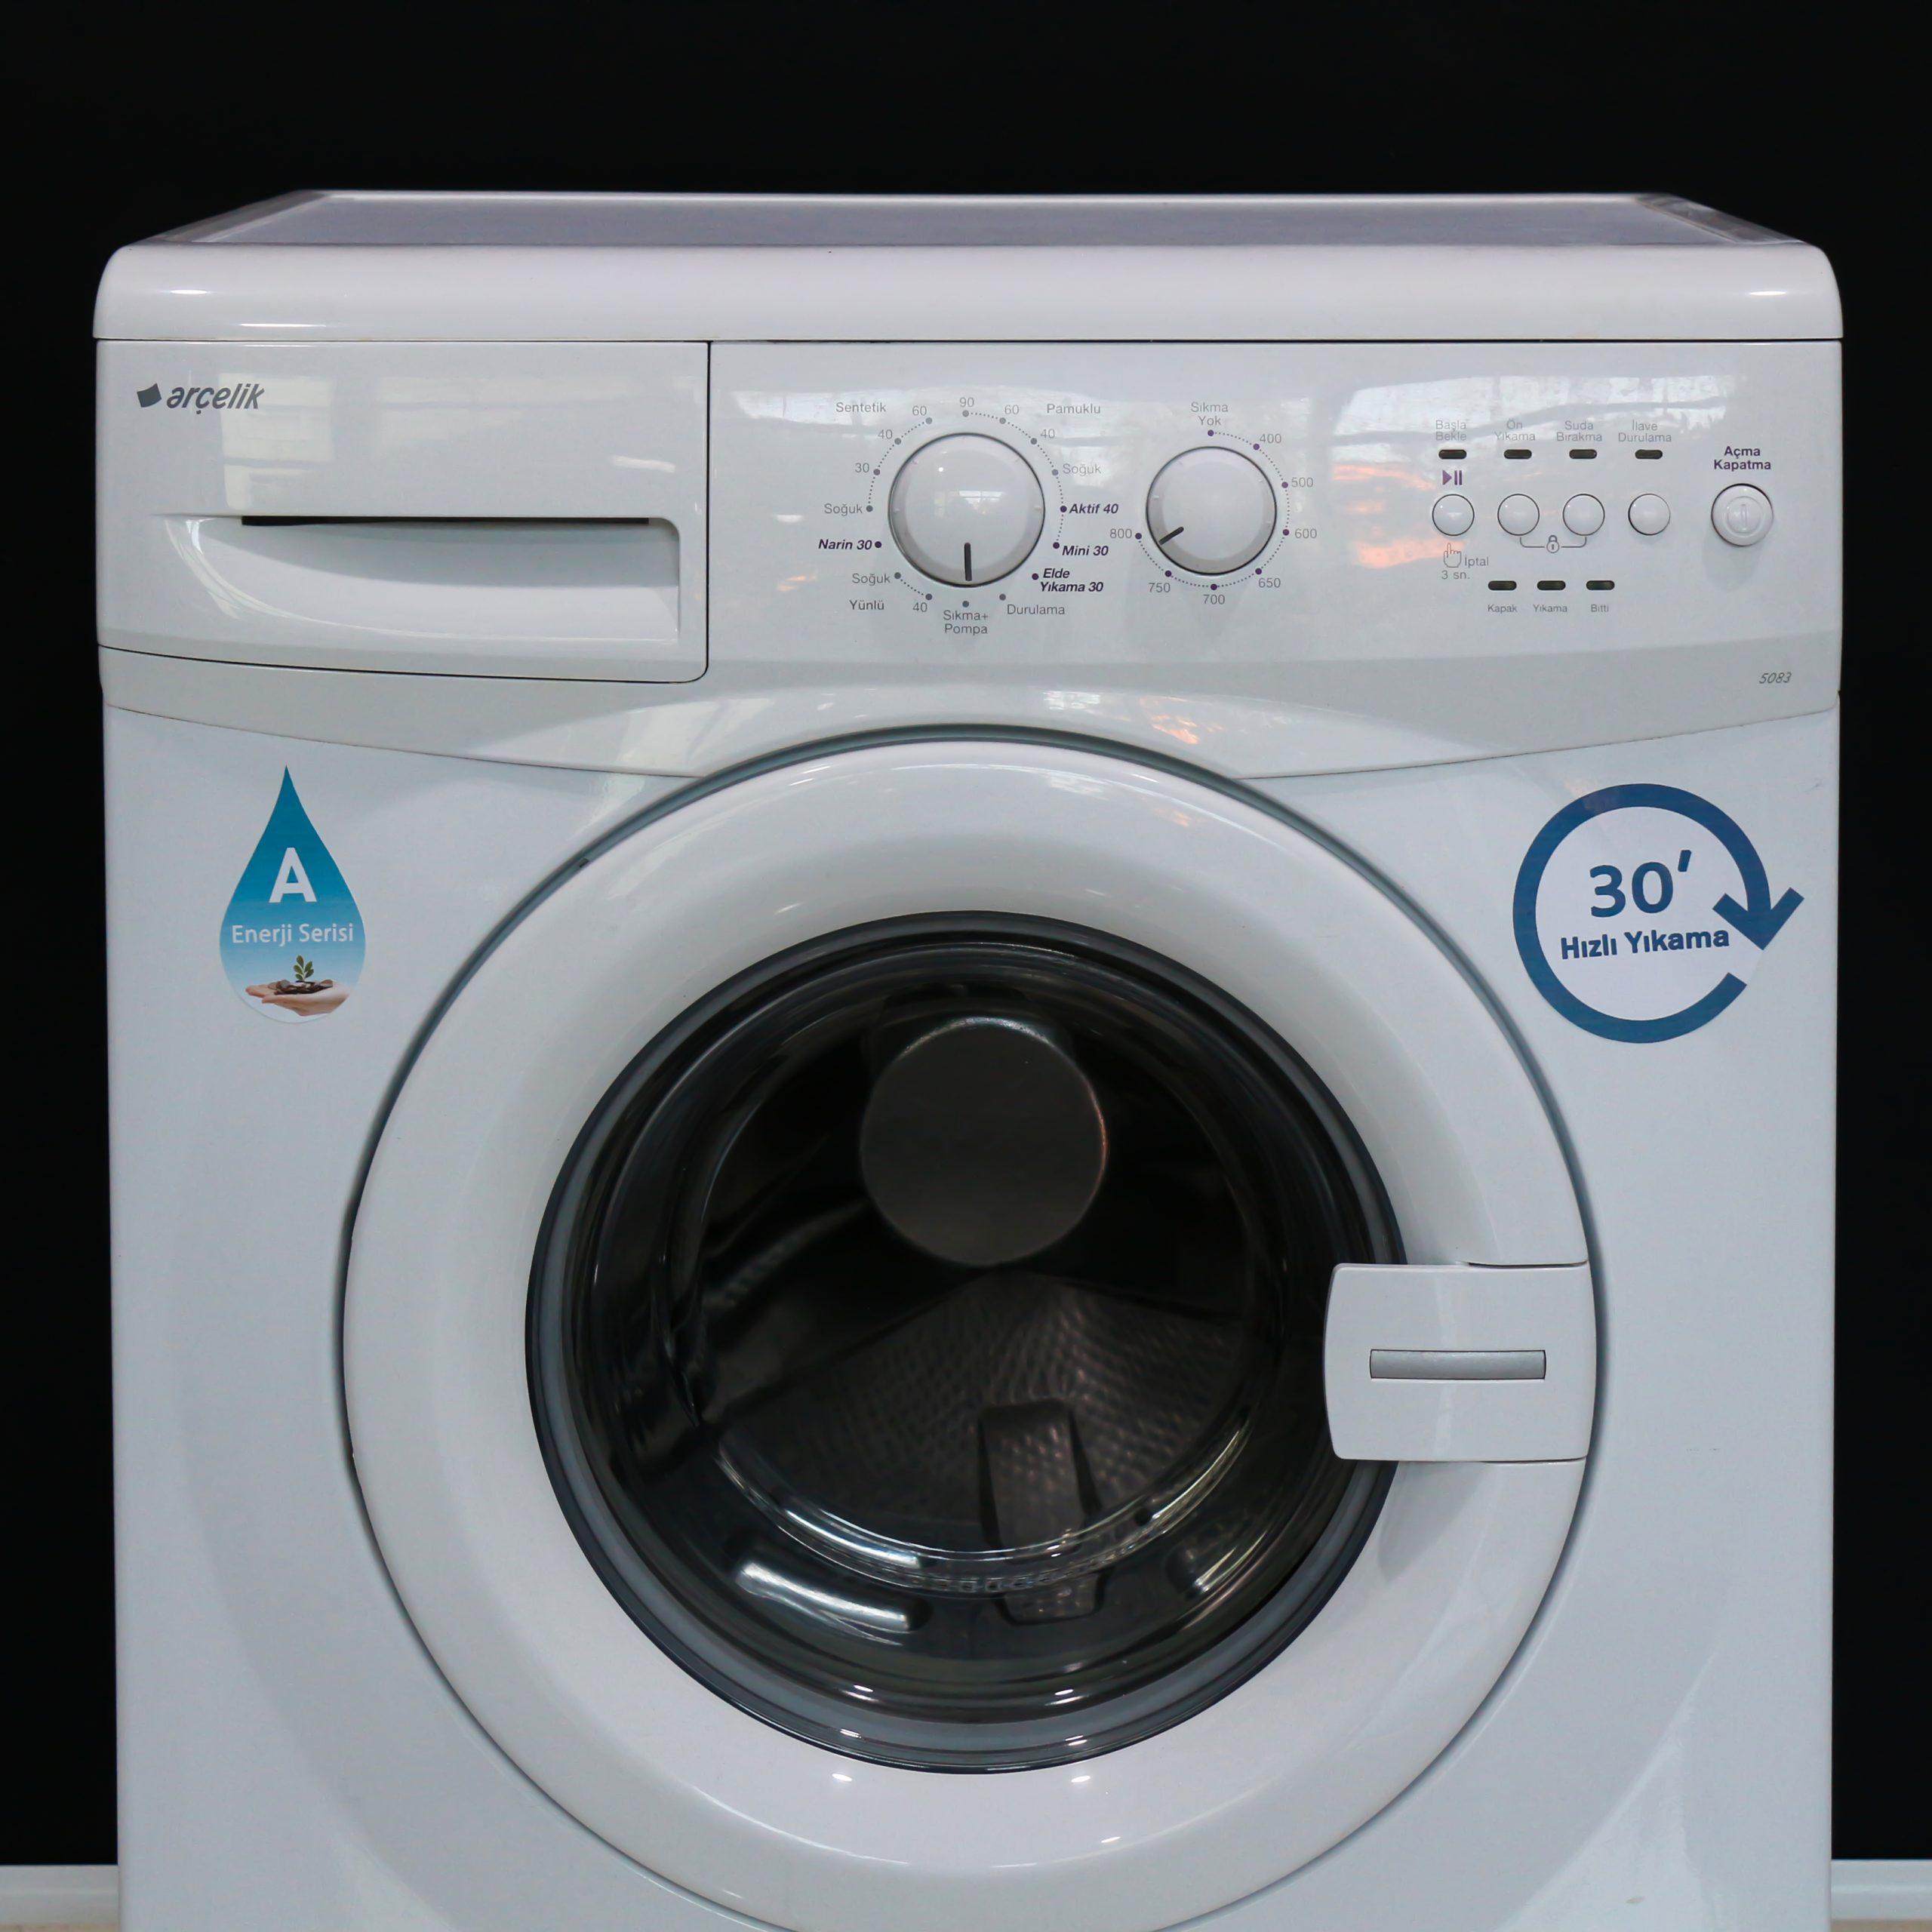 arcelik 5 kg ikinci el temiz camasir makinesi